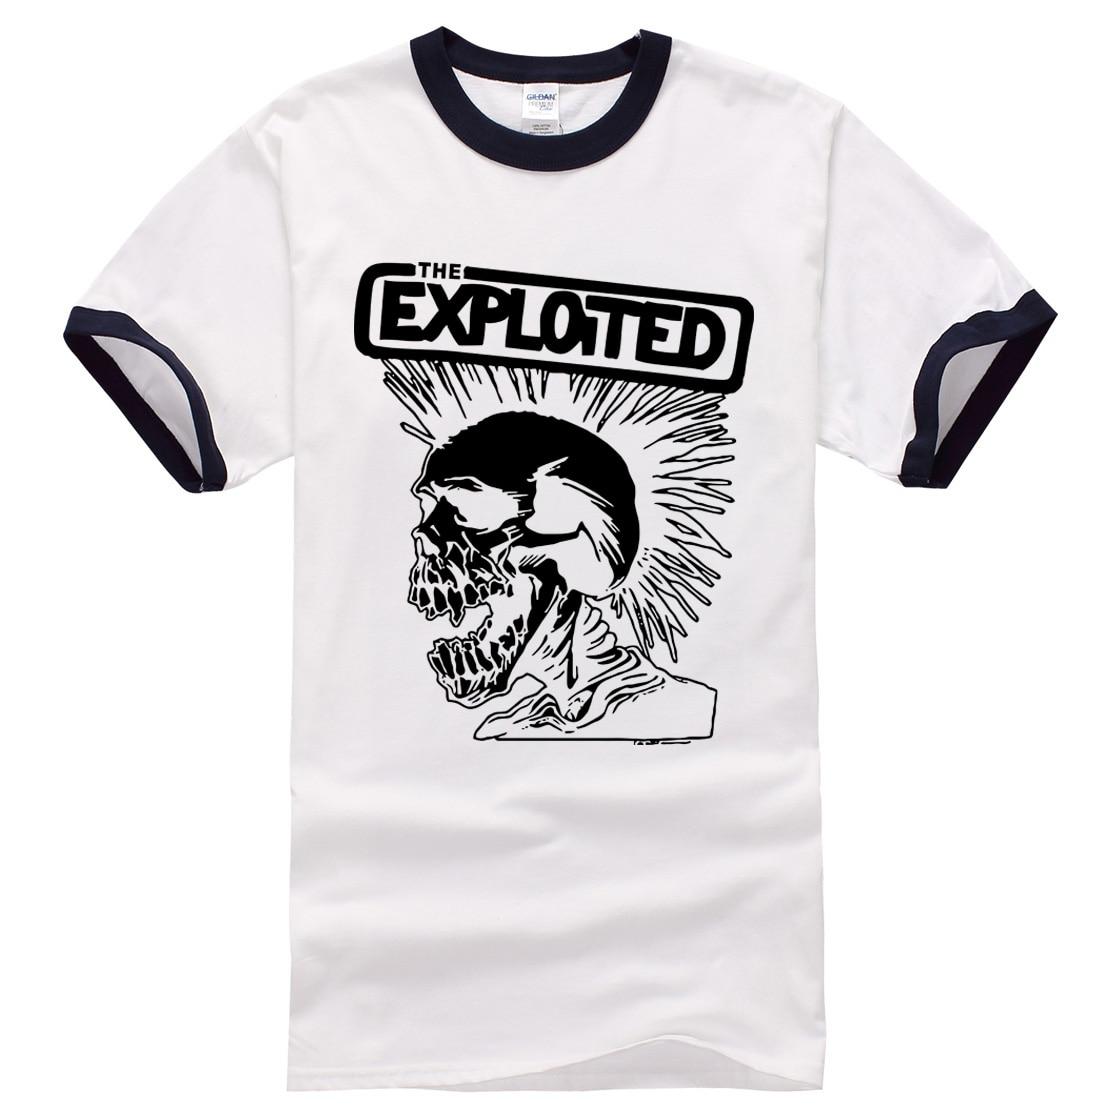 bbbe816cf0093 La exploited imprimir hombres camisetas cráneo punky marca de manga corta  2017 verano hombres camiseta Harajuku Swag camisetas ropa masculina